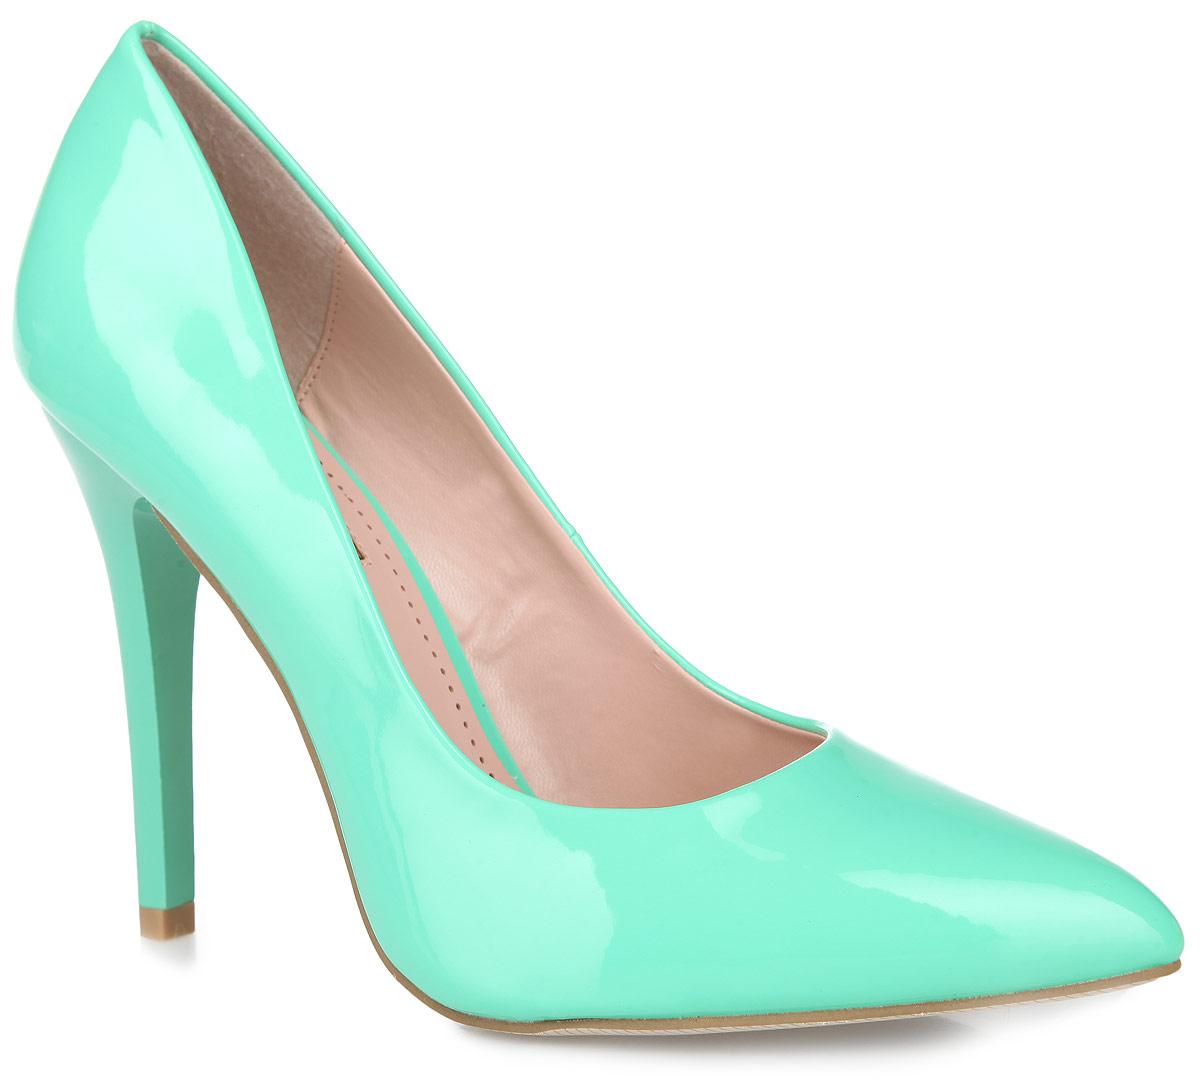 Туфли женские Inario, цвет: мятный. 1015-04-21. Размер 361015-04-21Роскошные туфли от Inario покорят вас с первого взгляда! Модель выполнена из искусственной лакированной кожи. Заостренный носок смотрится невероятно женственно. Стелька из искусственной кожи, оформленная названием бренда, по контуру - декоративной перфорацией, комфортна при ходьбе. Высокий каблук устойчив. Рифление на подошве и на каблуке гарантирует идеальное сцепление с любой поверхностью. Элегантные туфли займут достойное место в вашем гардеробе.